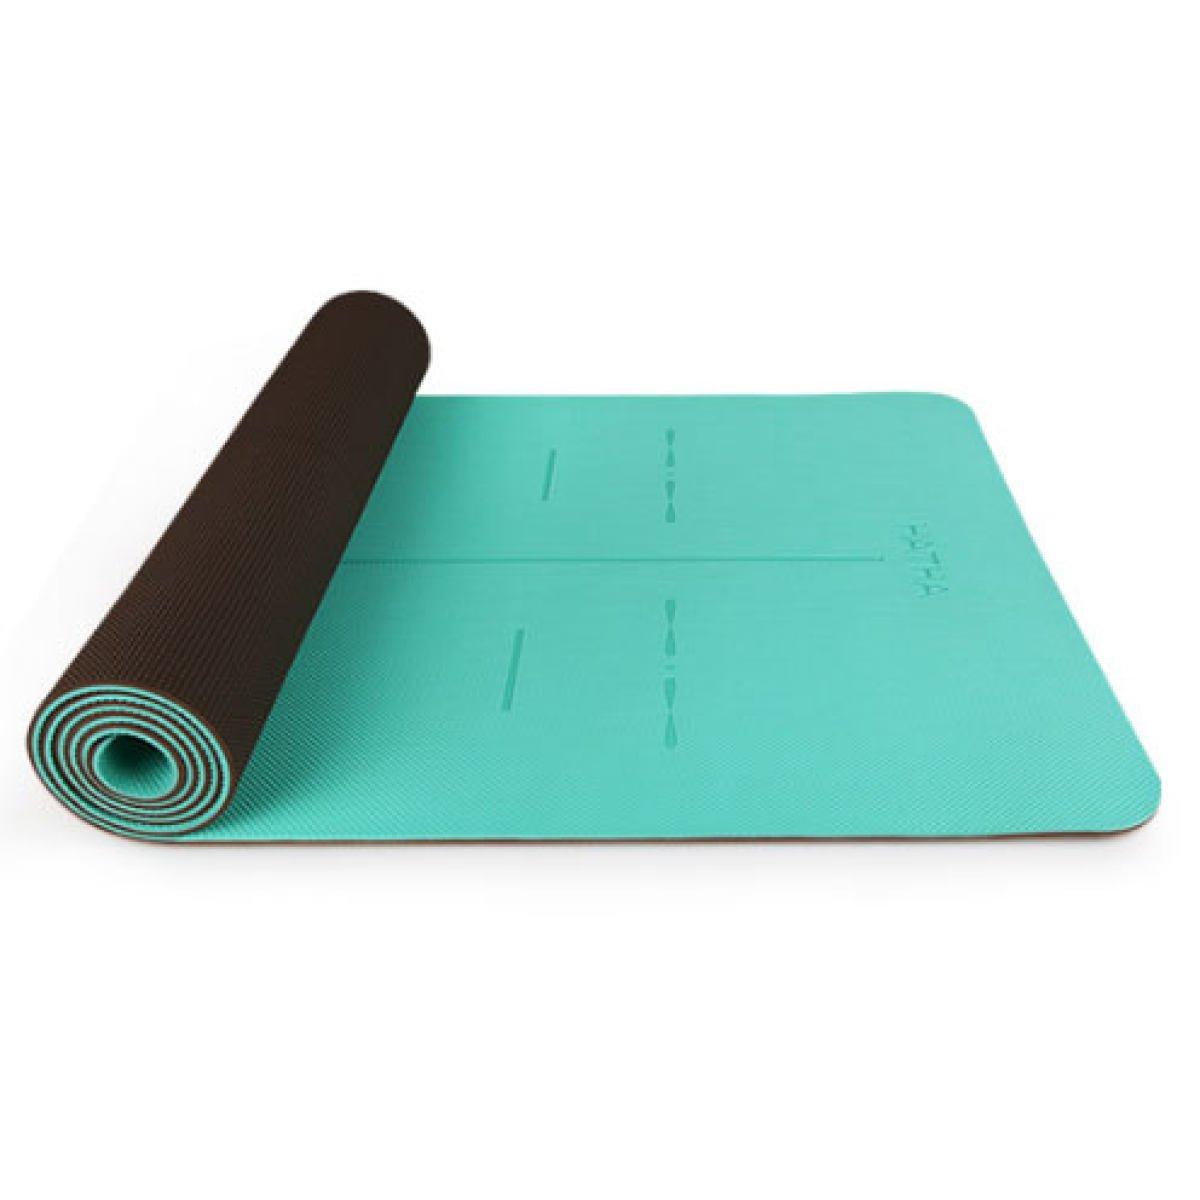 GEDTFC Professionelle Rutschfeste Yoga-Matte Natürlichen Umweltschutz Hohe Belastbarkeit TPE Yoga-Matte Fitness